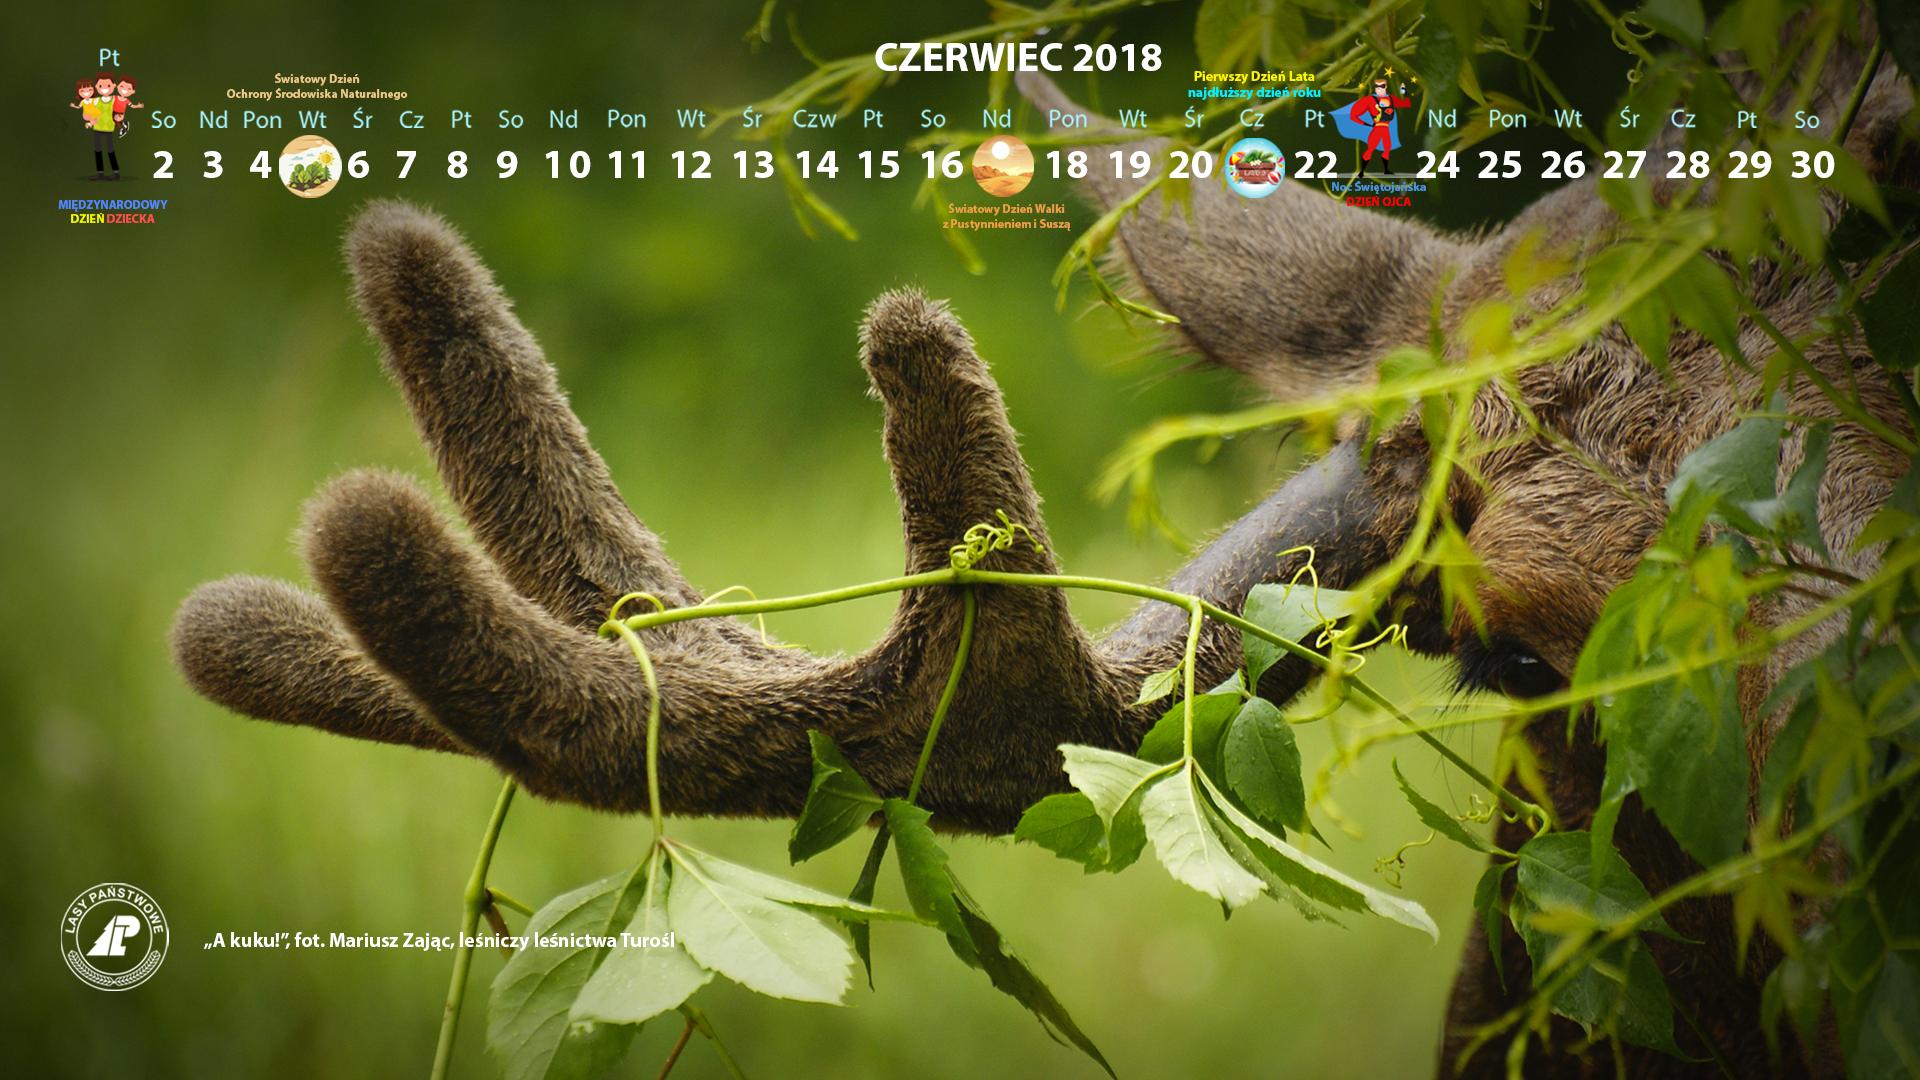 Kalendarz_czerwiec_2018_1920x1080[1].jpg